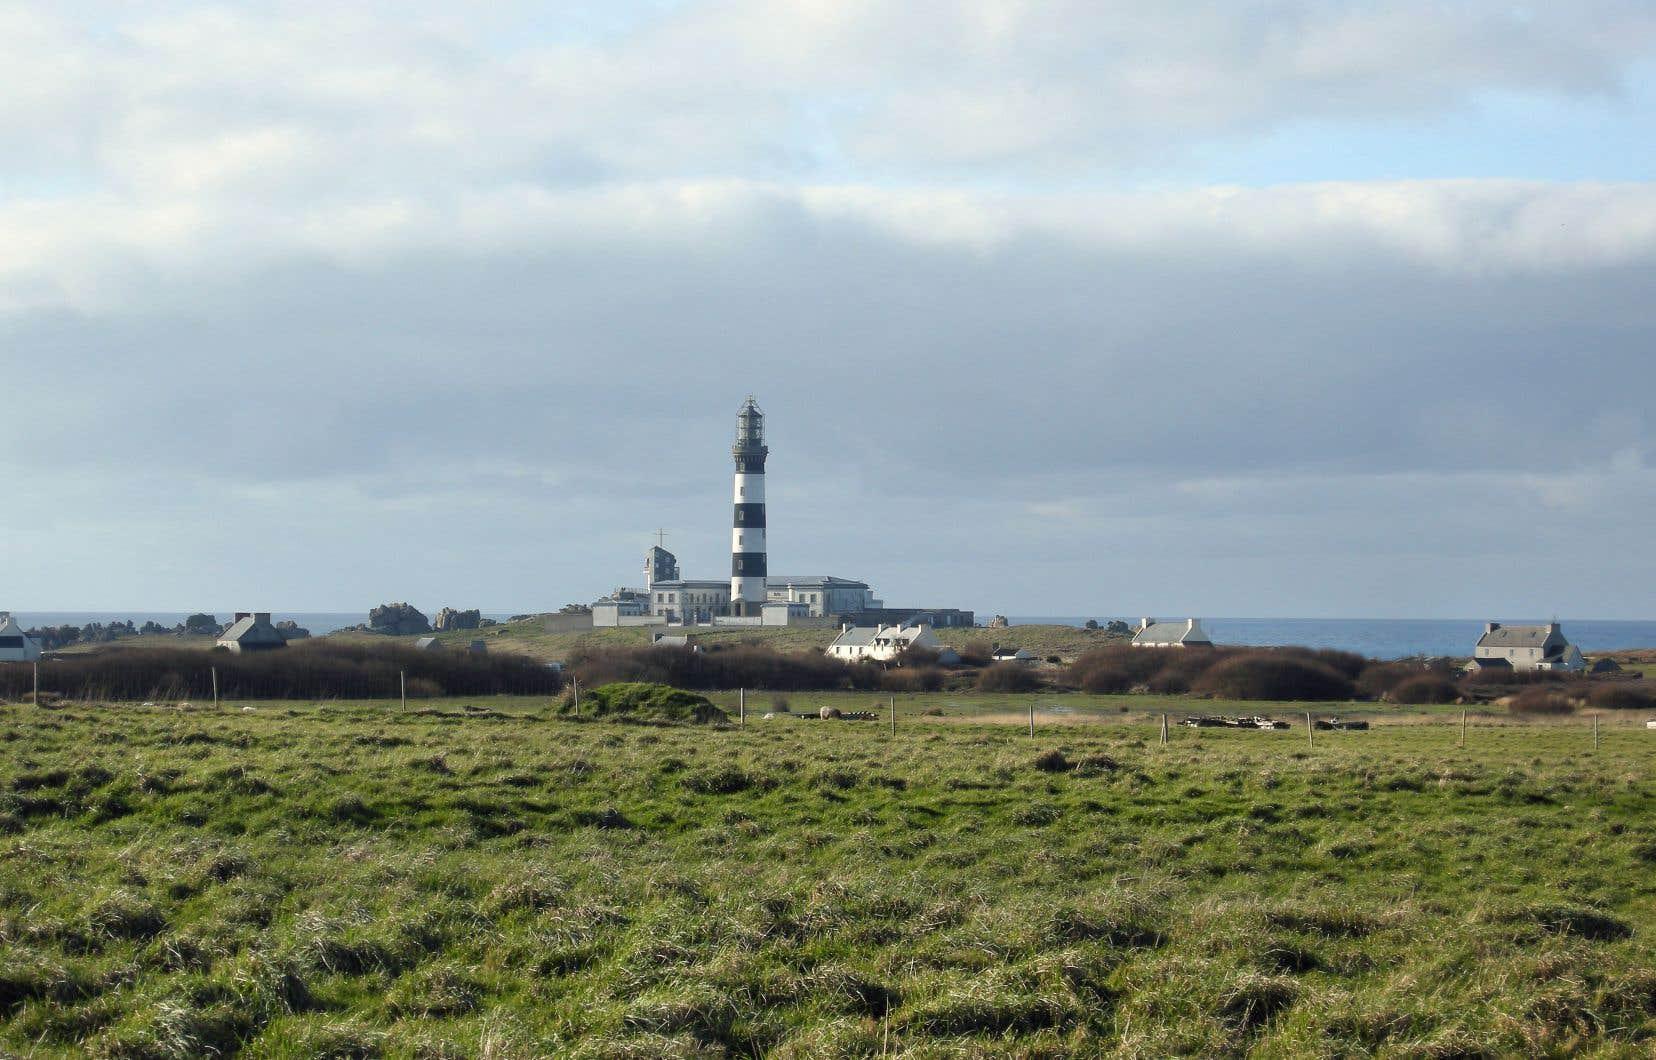 Le phare du Creac'h, l'un des plus puissants du globe, monte la garde sur toute la partie ouest de l'île d'Ouessant.